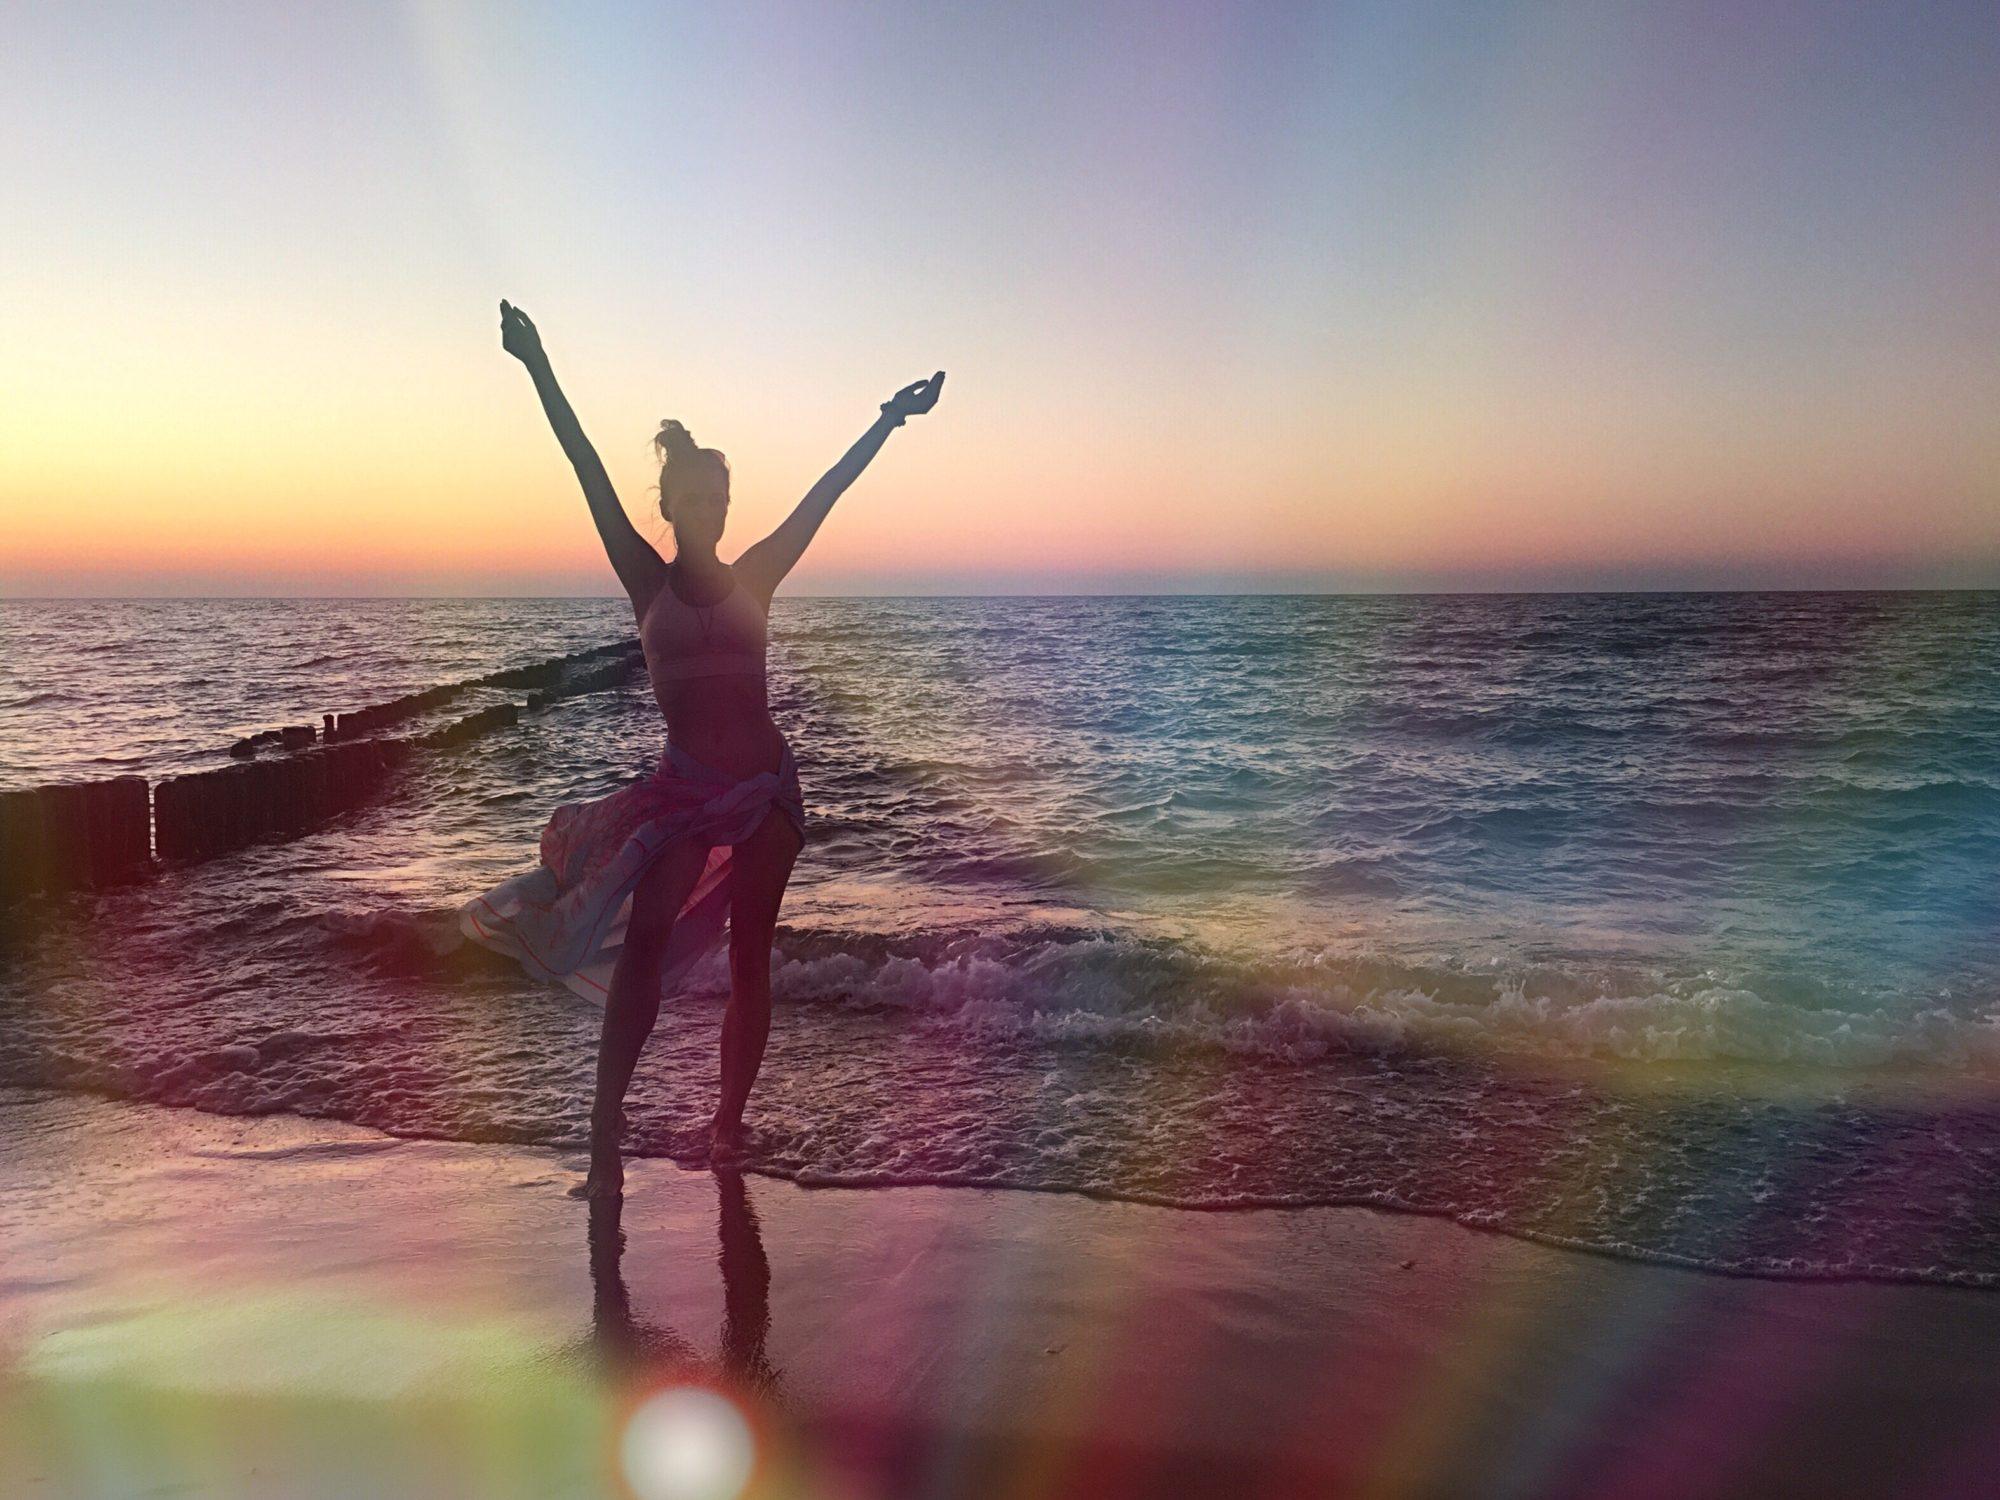 Piękny zachód słońca nad morzem Bałtyckim i człowiek otwierający ramiona w zachwycie